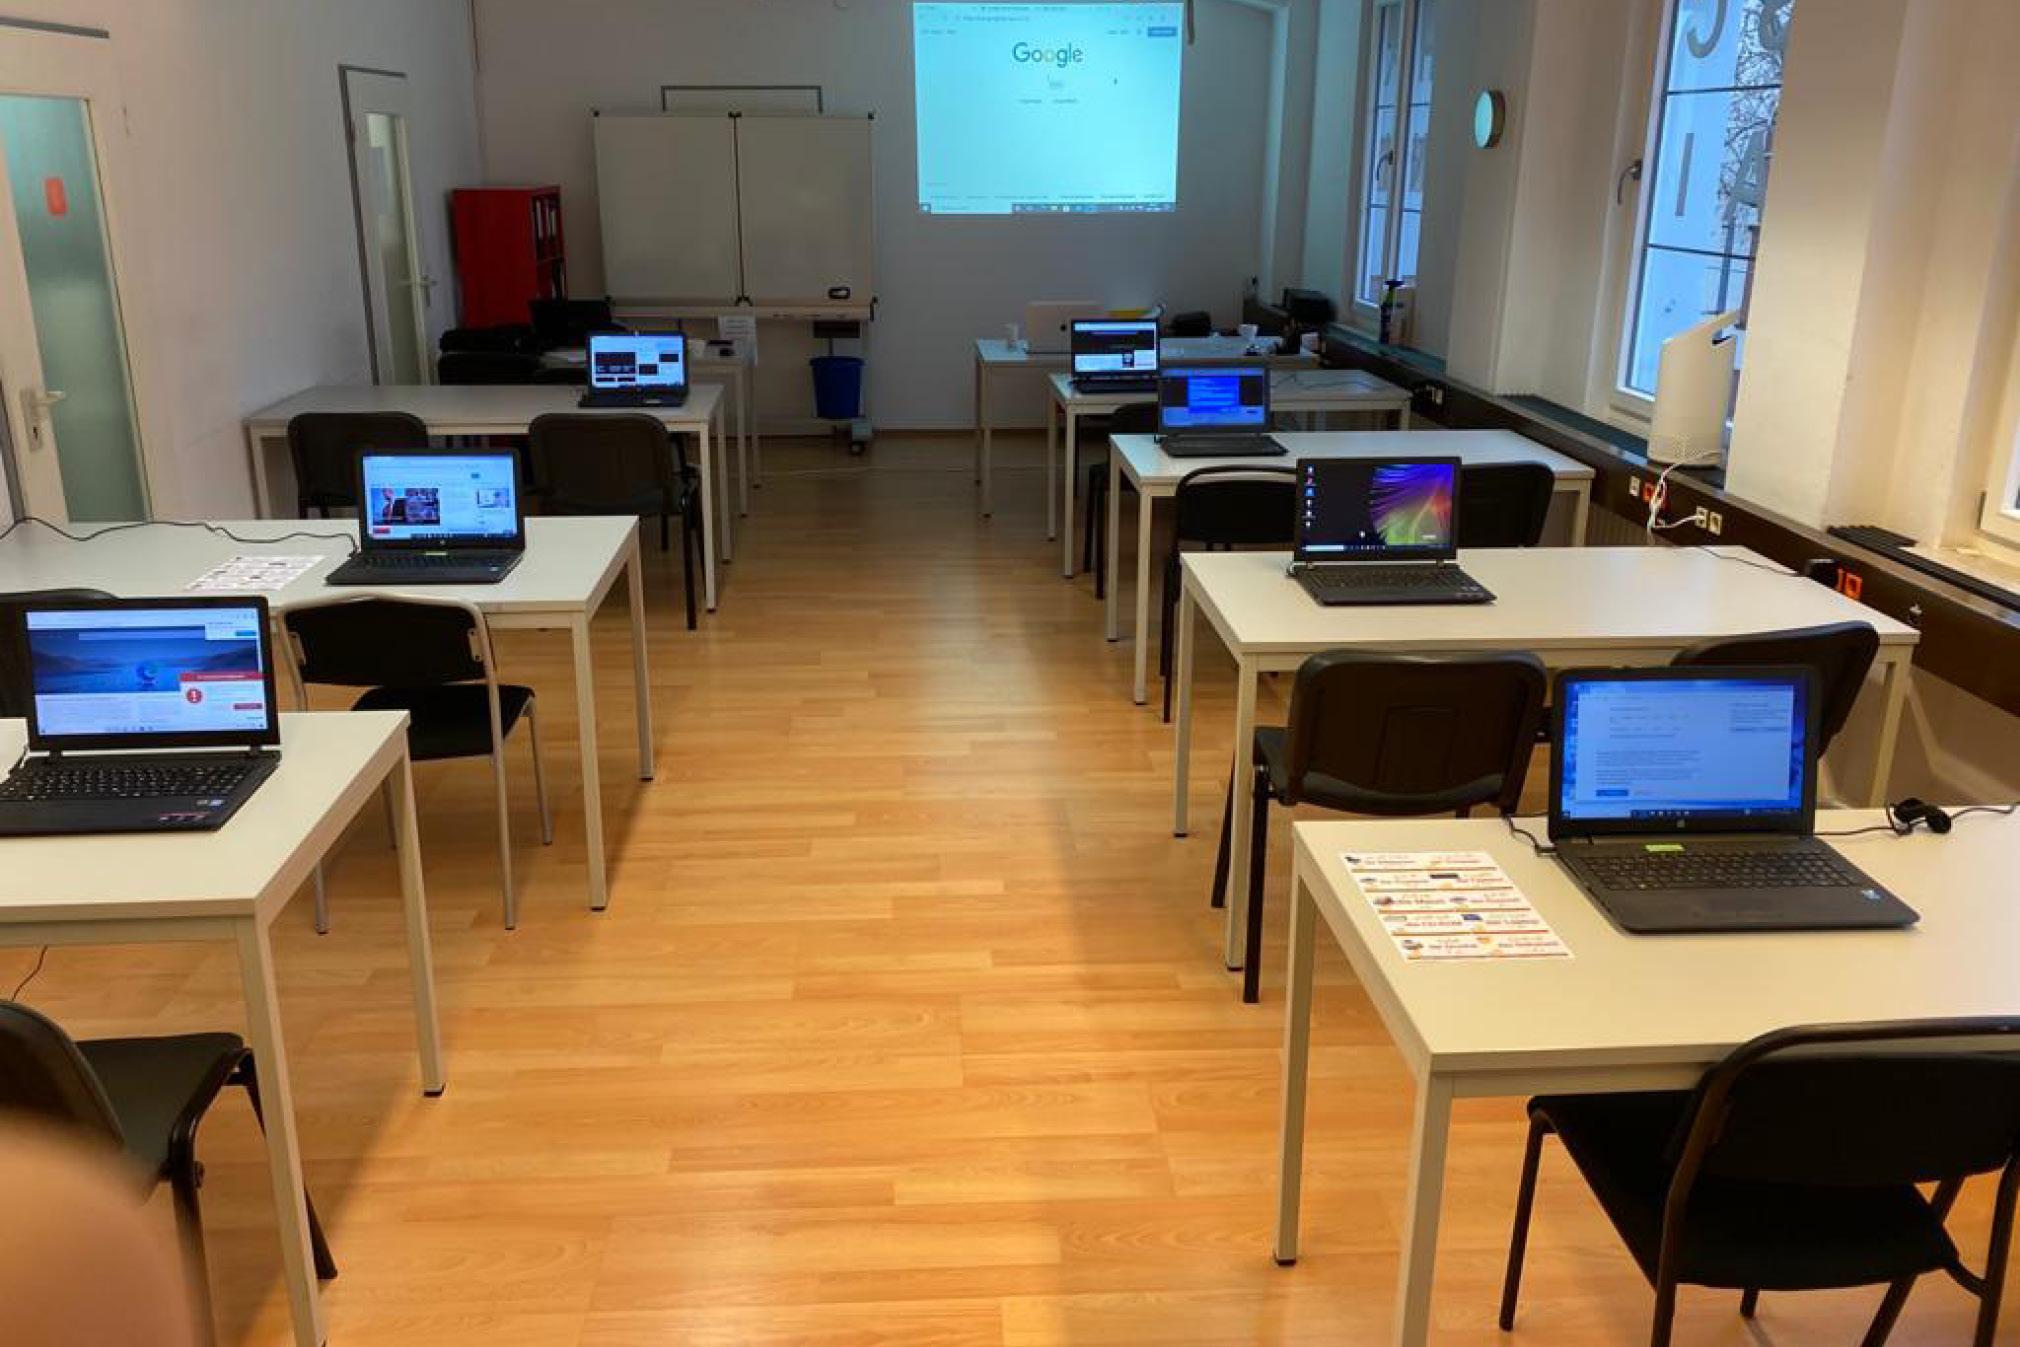 Raum mit Laptops